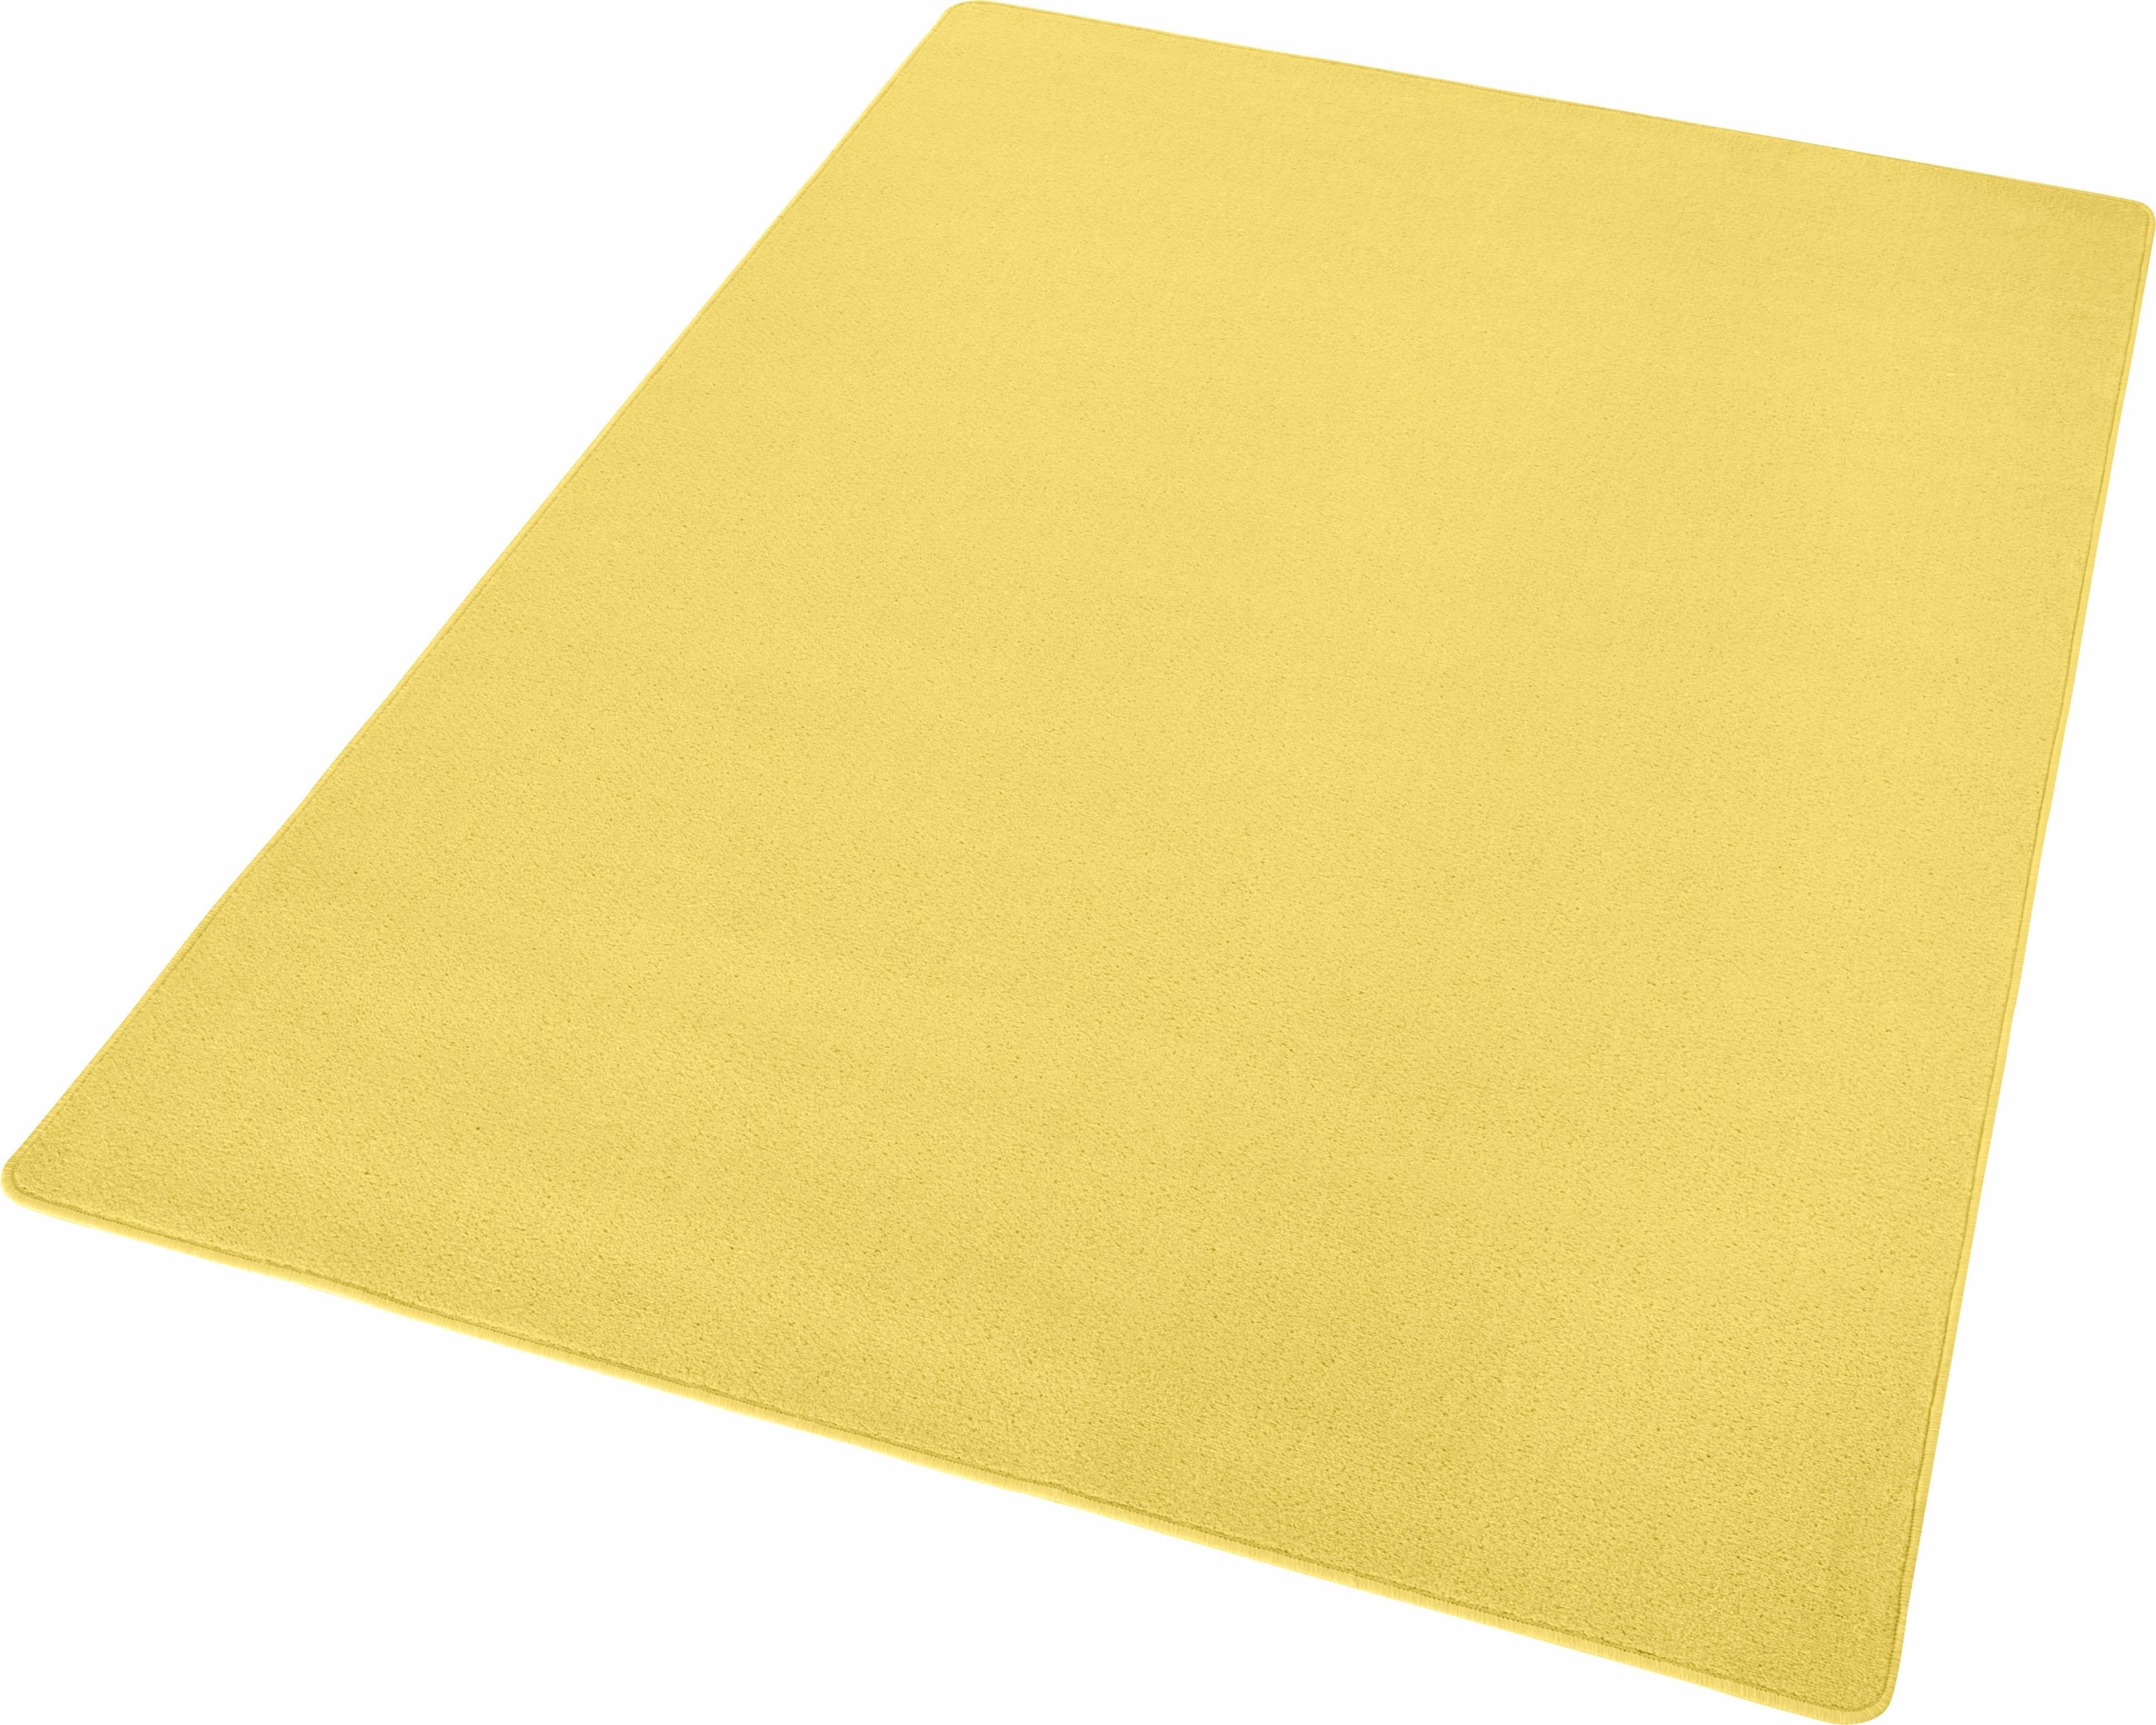 HANSE Home Vloerkleed, »Fancy«, rechthoekig, hoogte 7 mm, machinaal getuft voordelig en veilig online kopen